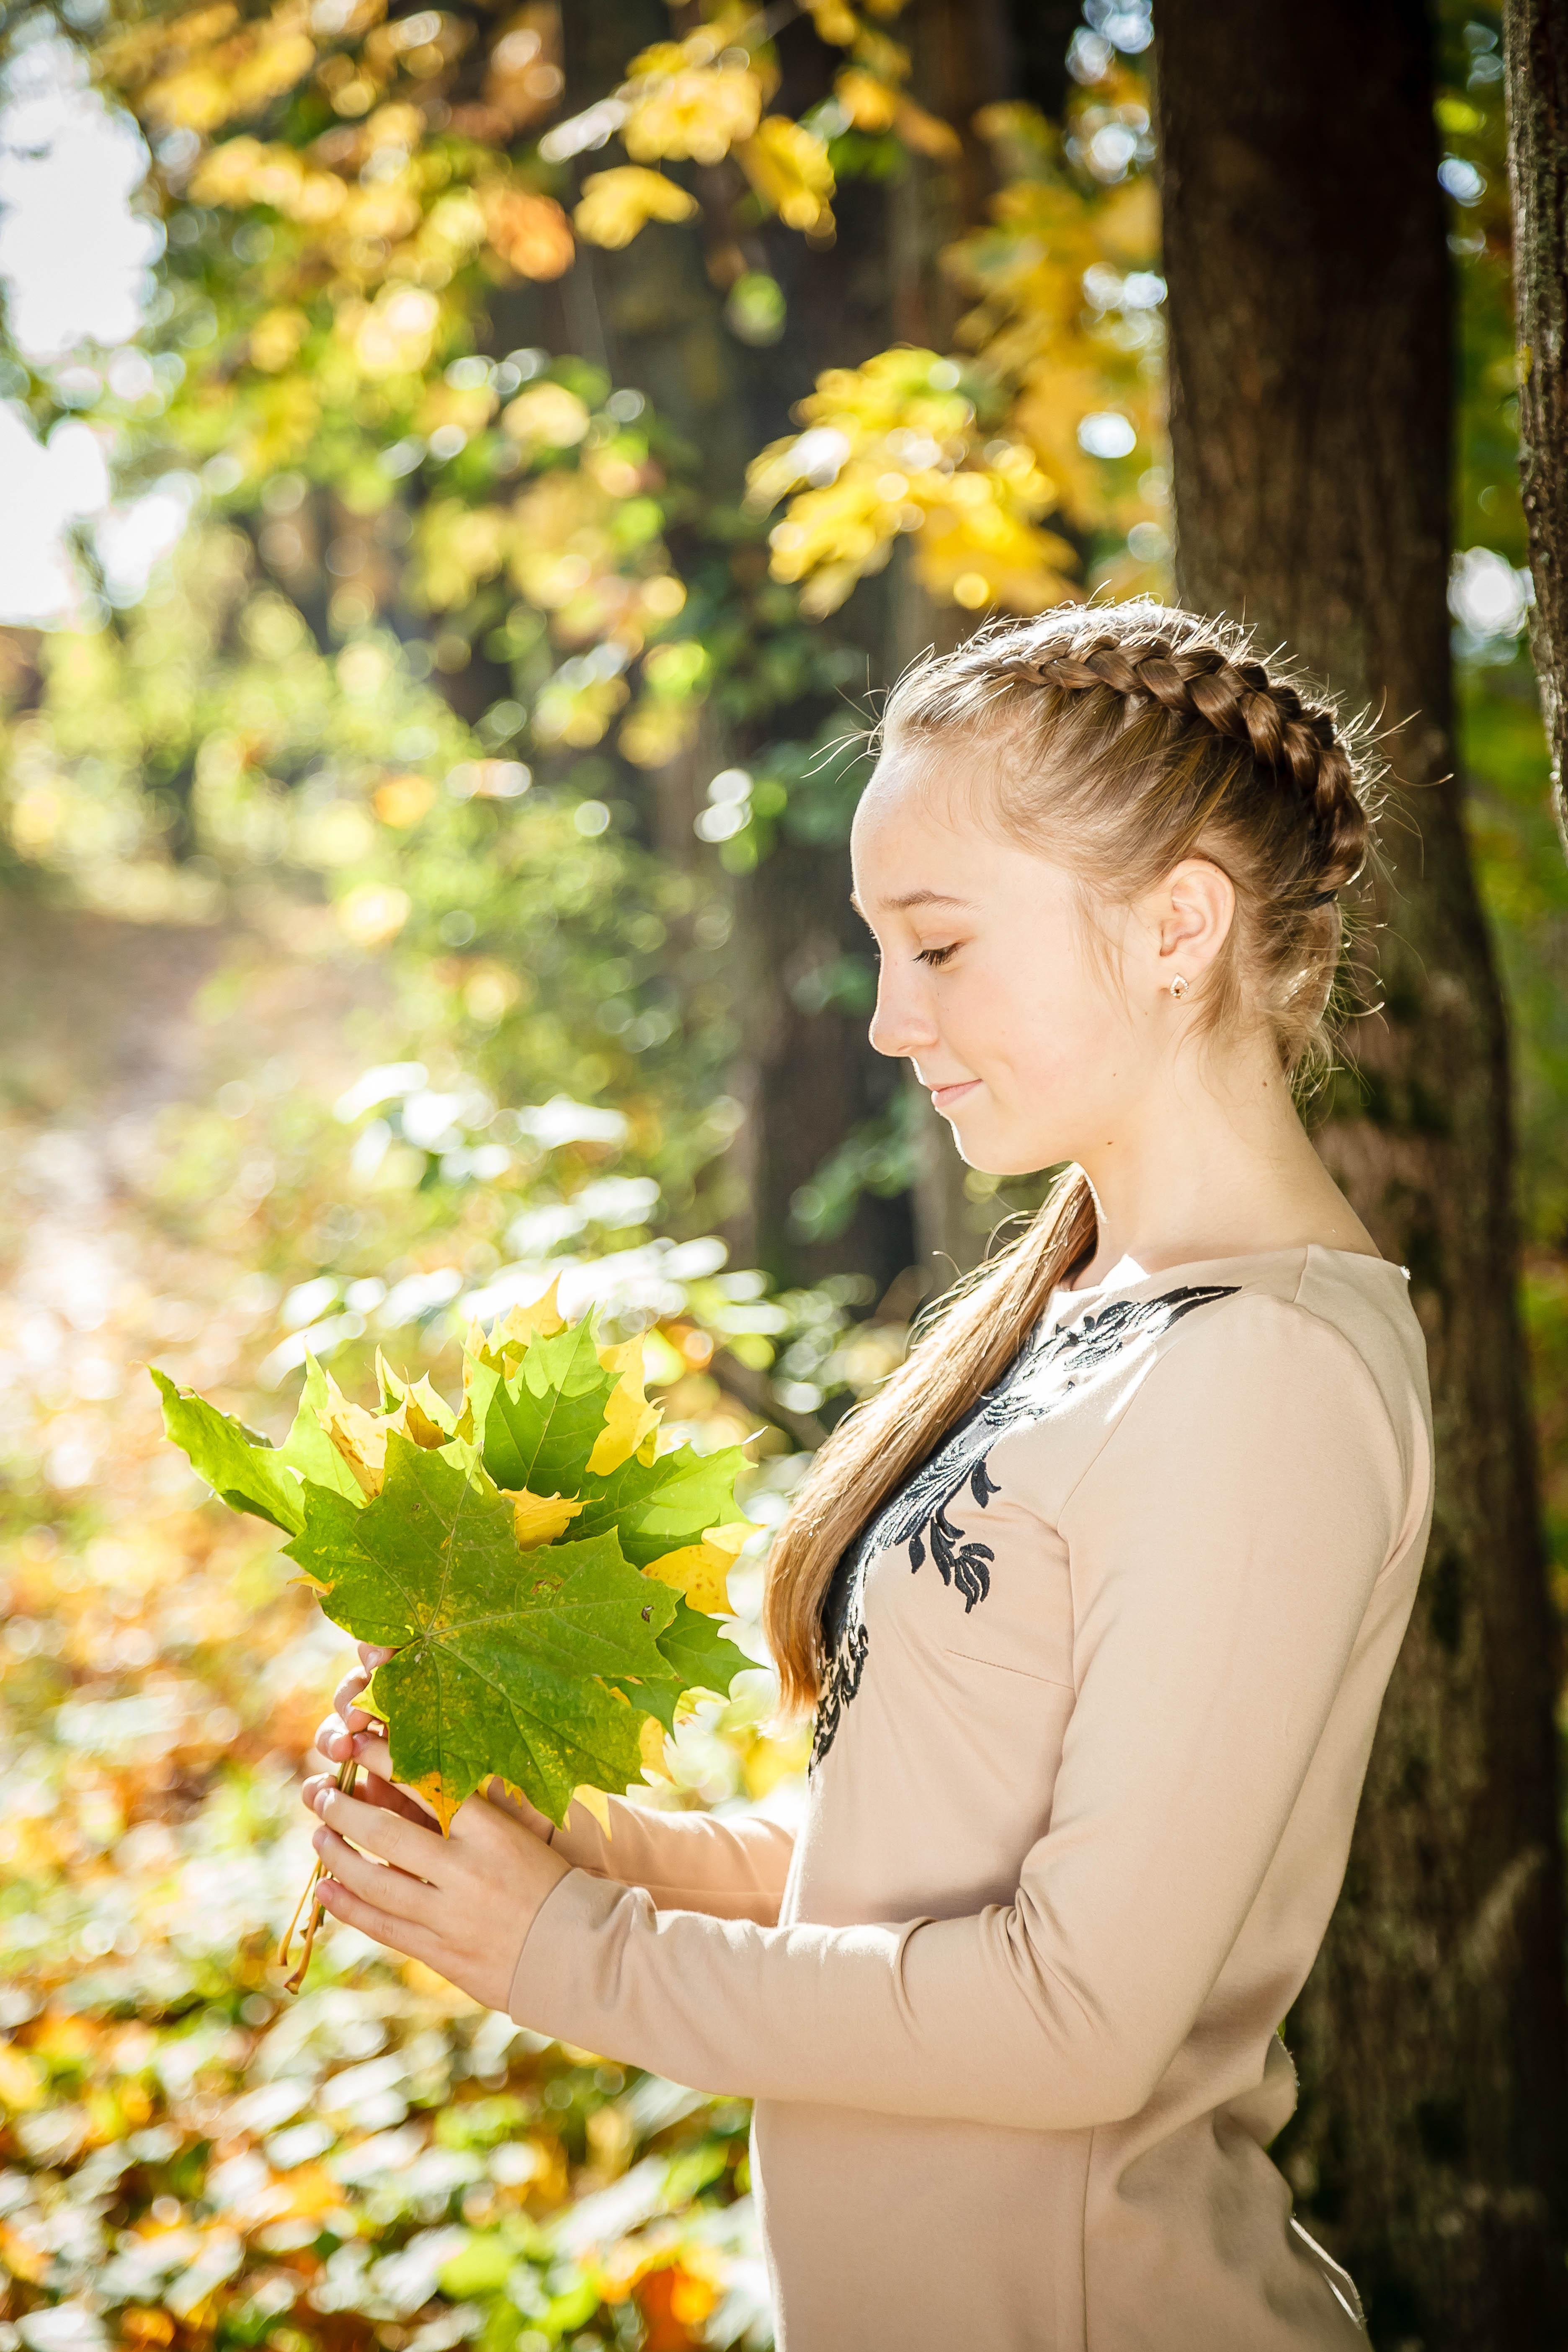 Осень в моих волосах!. Прическа под настроение